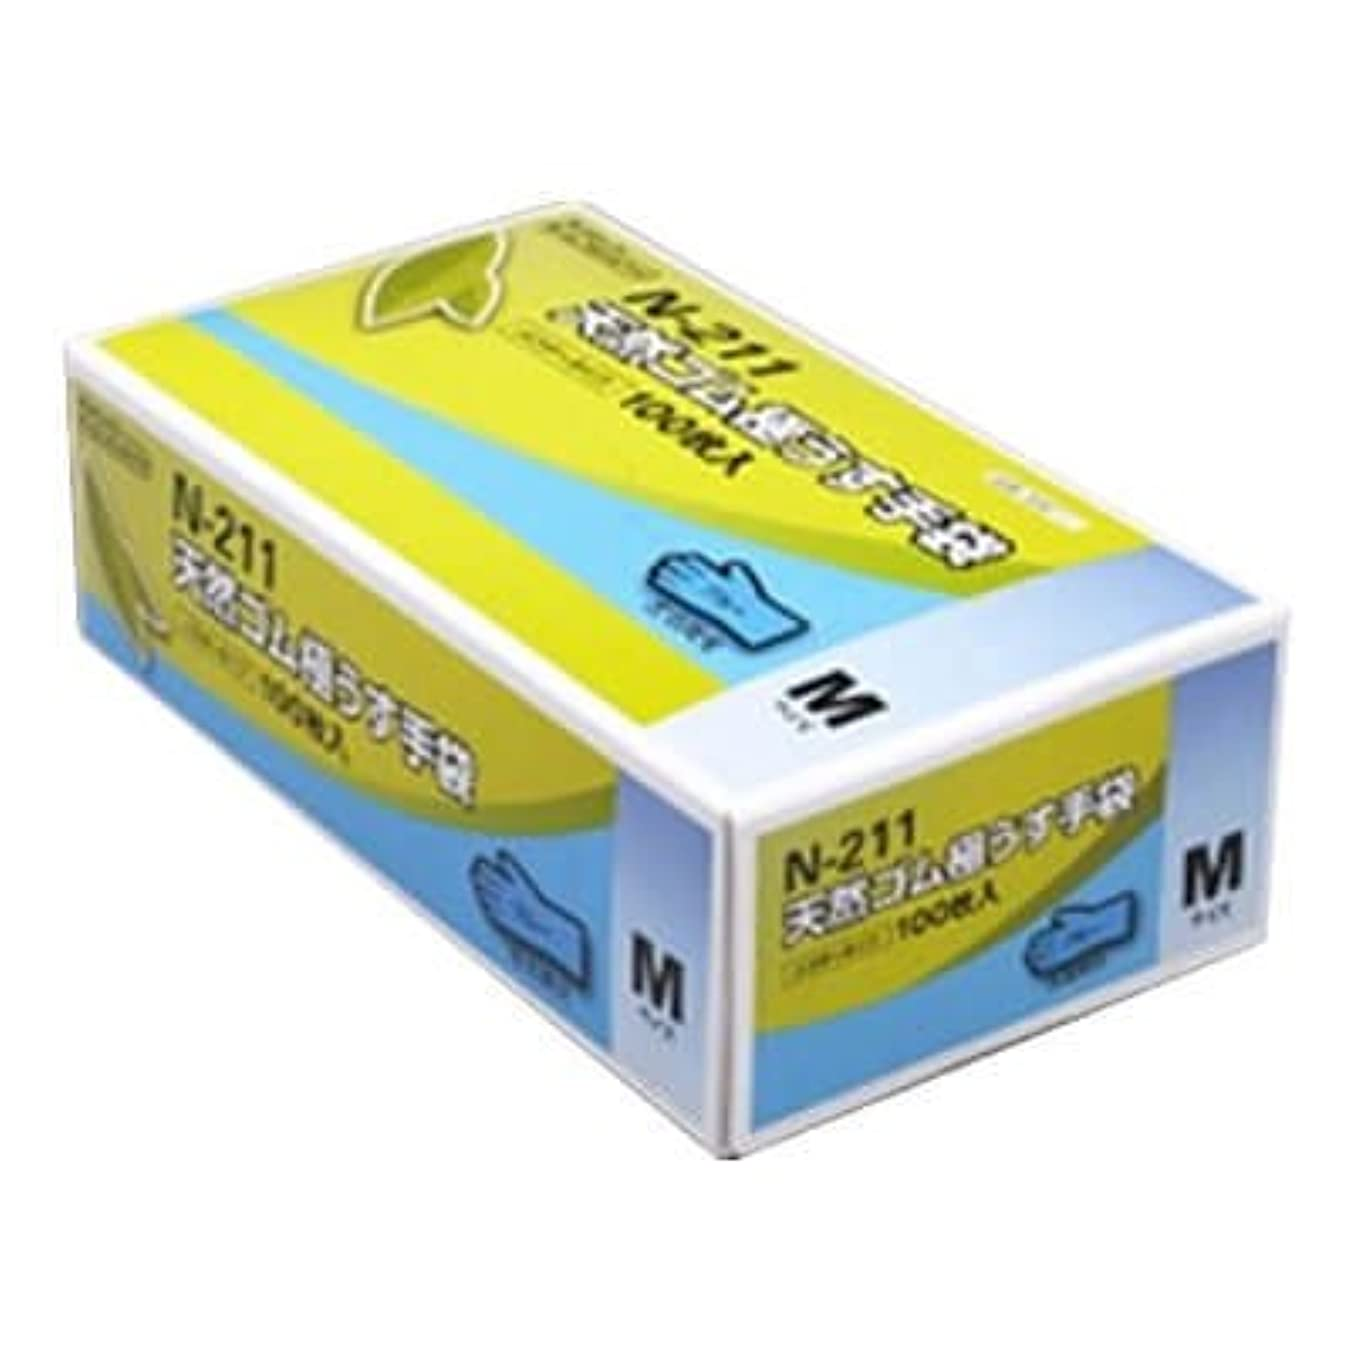 不測の事態些細なそのような【ケース販売】 ダンロップ 天然ゴム極うす手袋 N-211 M ブルー (100枚入×20箱)